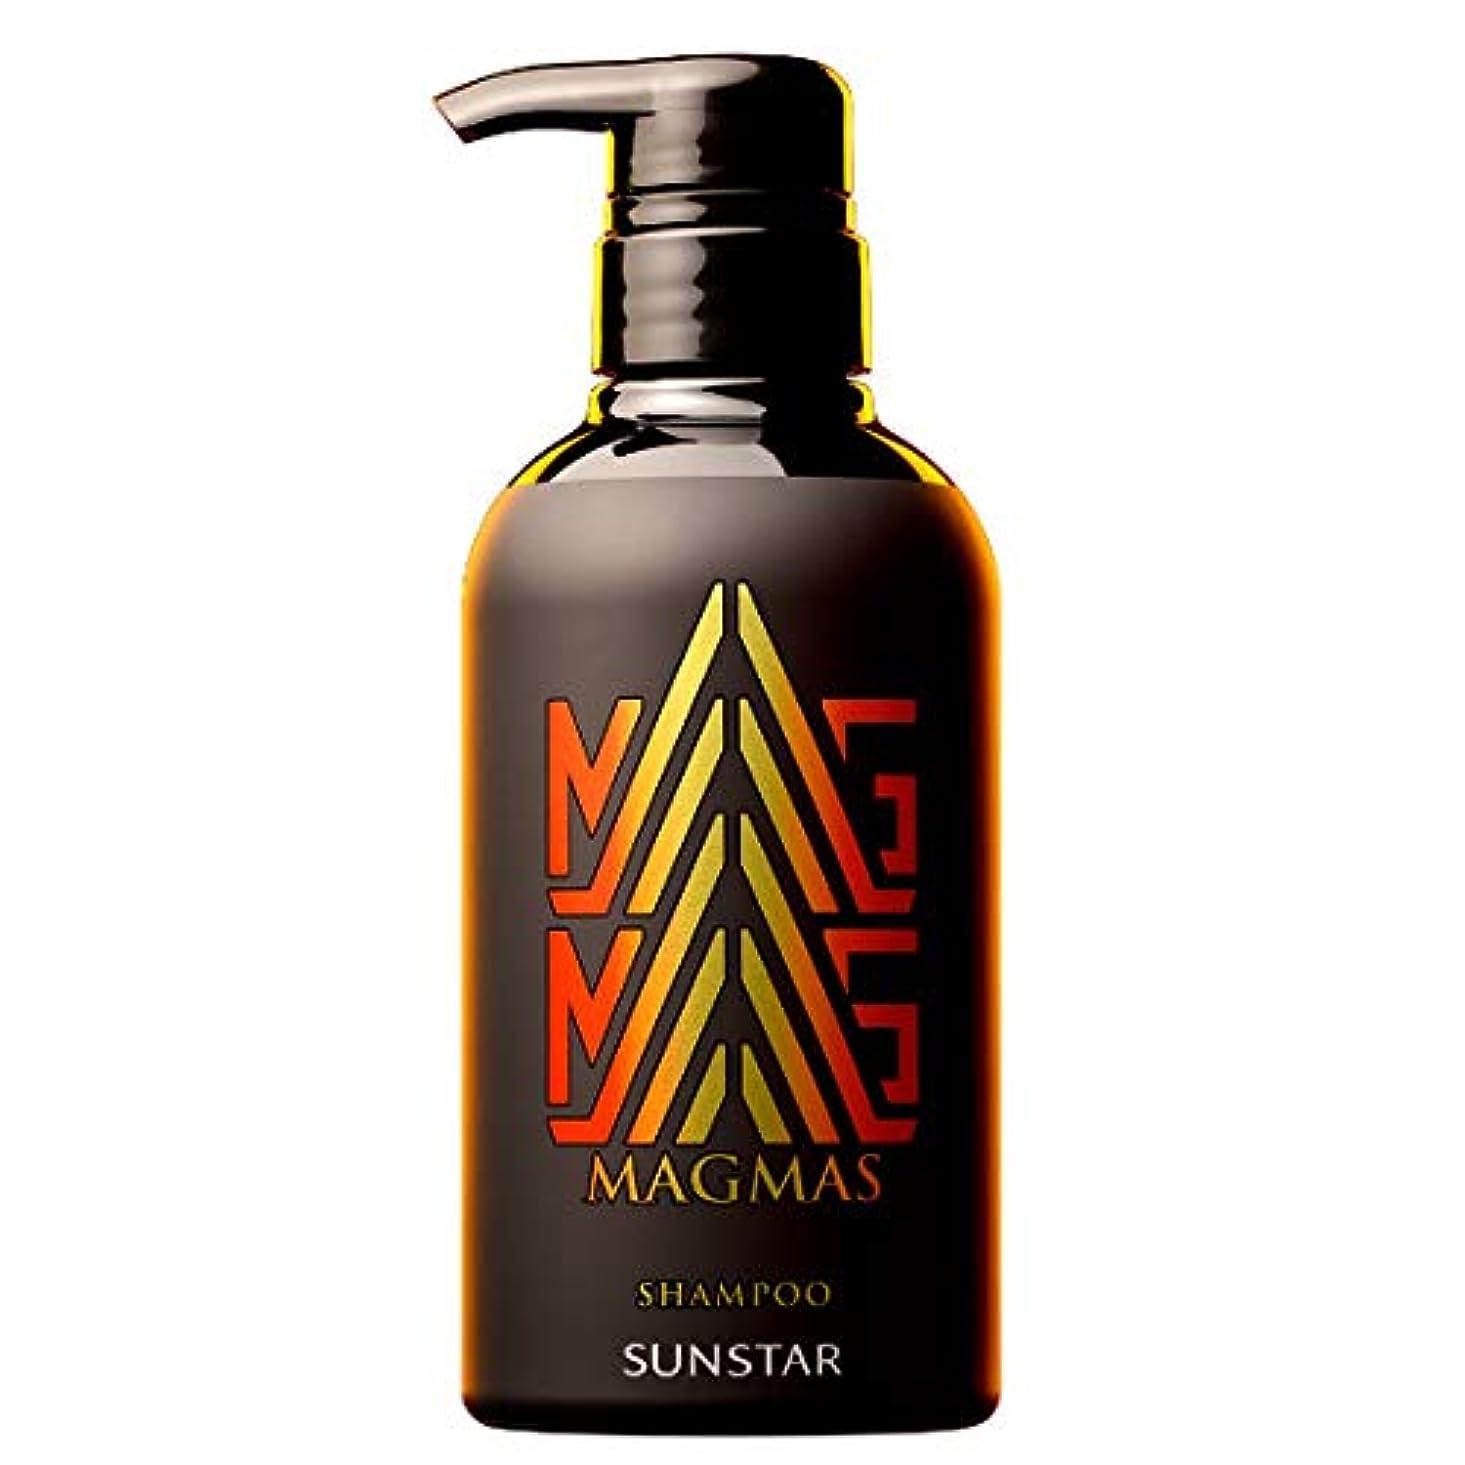 着服裸アラビア語サンスター メンズ 亜鉛導入シャンプー MAGMAS(マグマス) 髪のボリュームアップ & スカルプケア 400ml